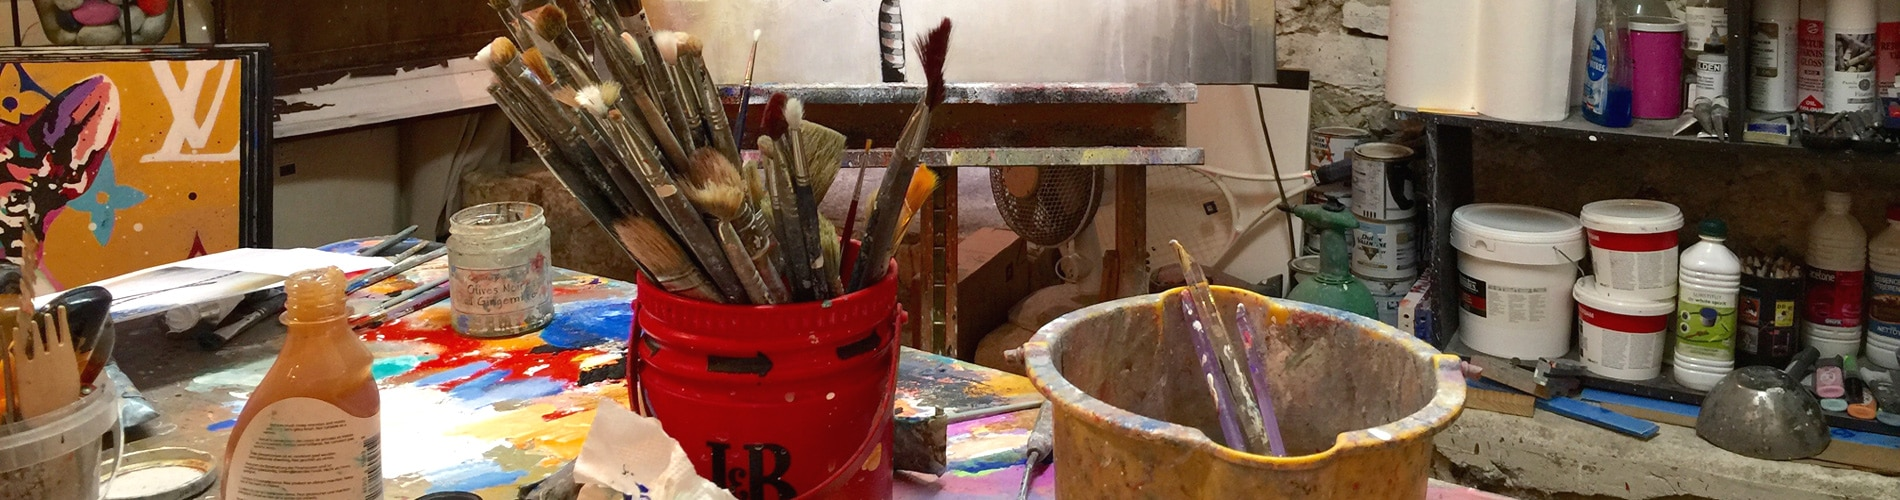 L'atelier Cornee Gallery, galerie d'art en ligne pop art